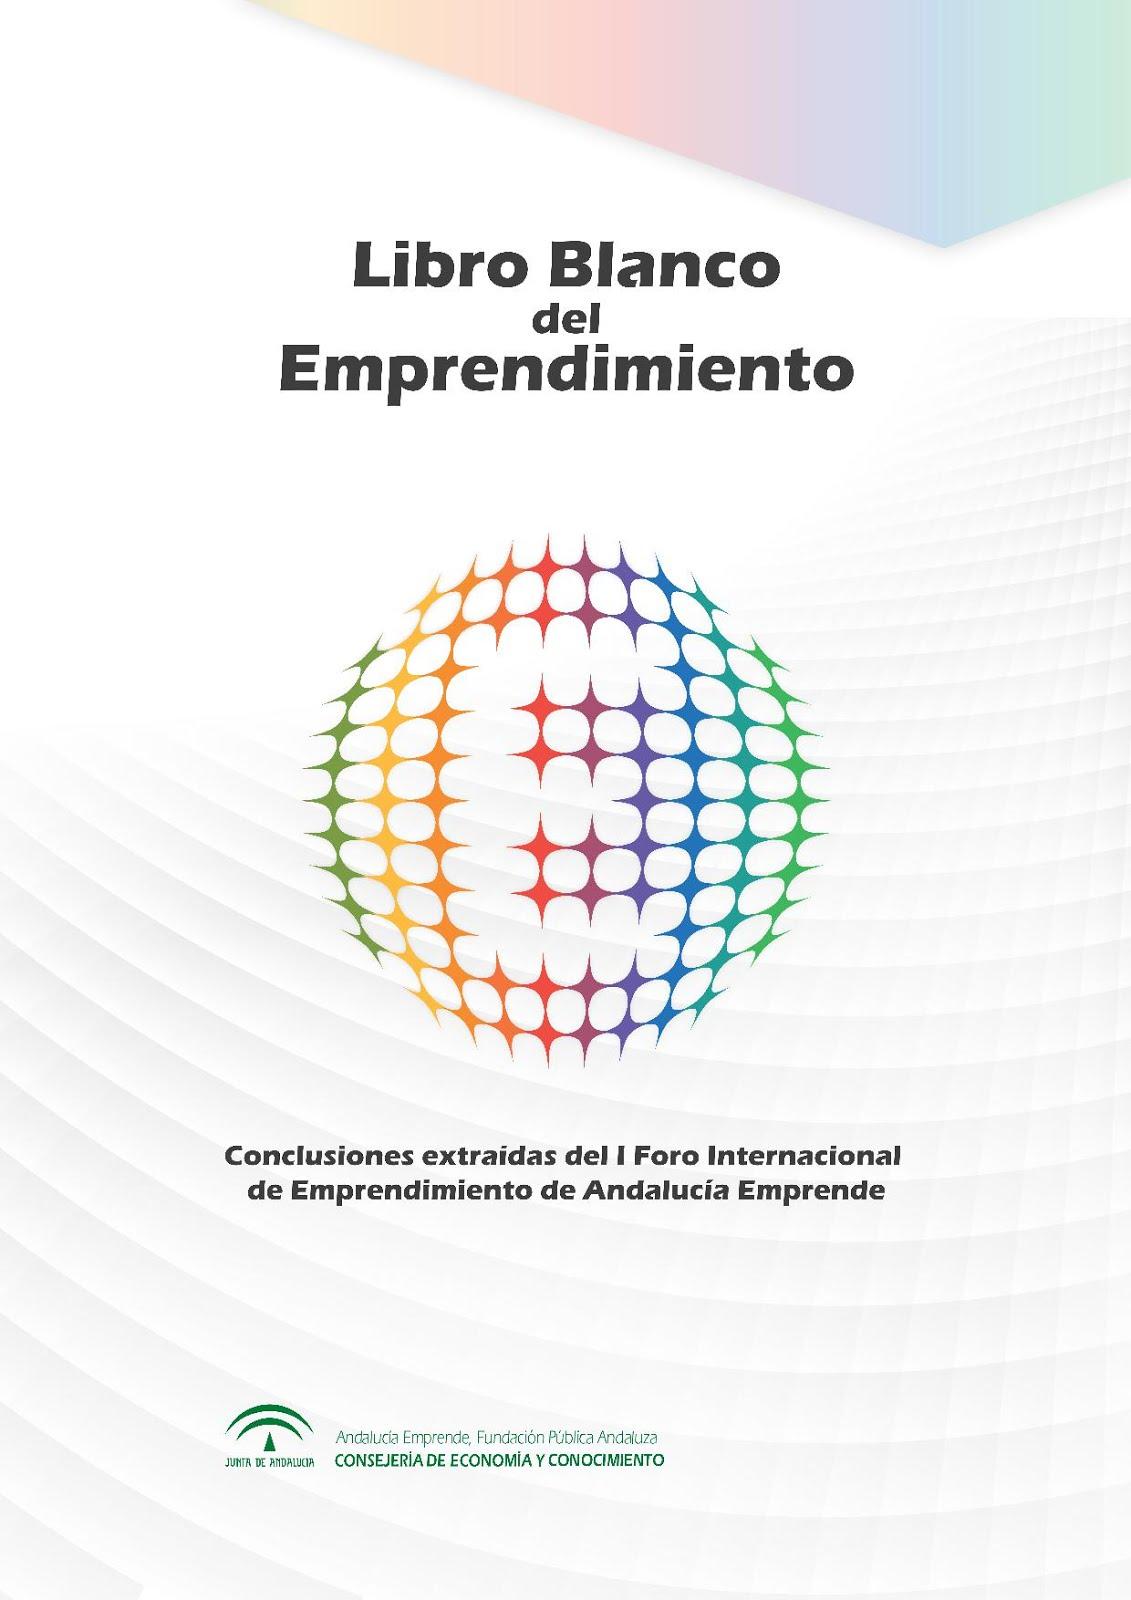 Libro Blanco del Emprendimiento.